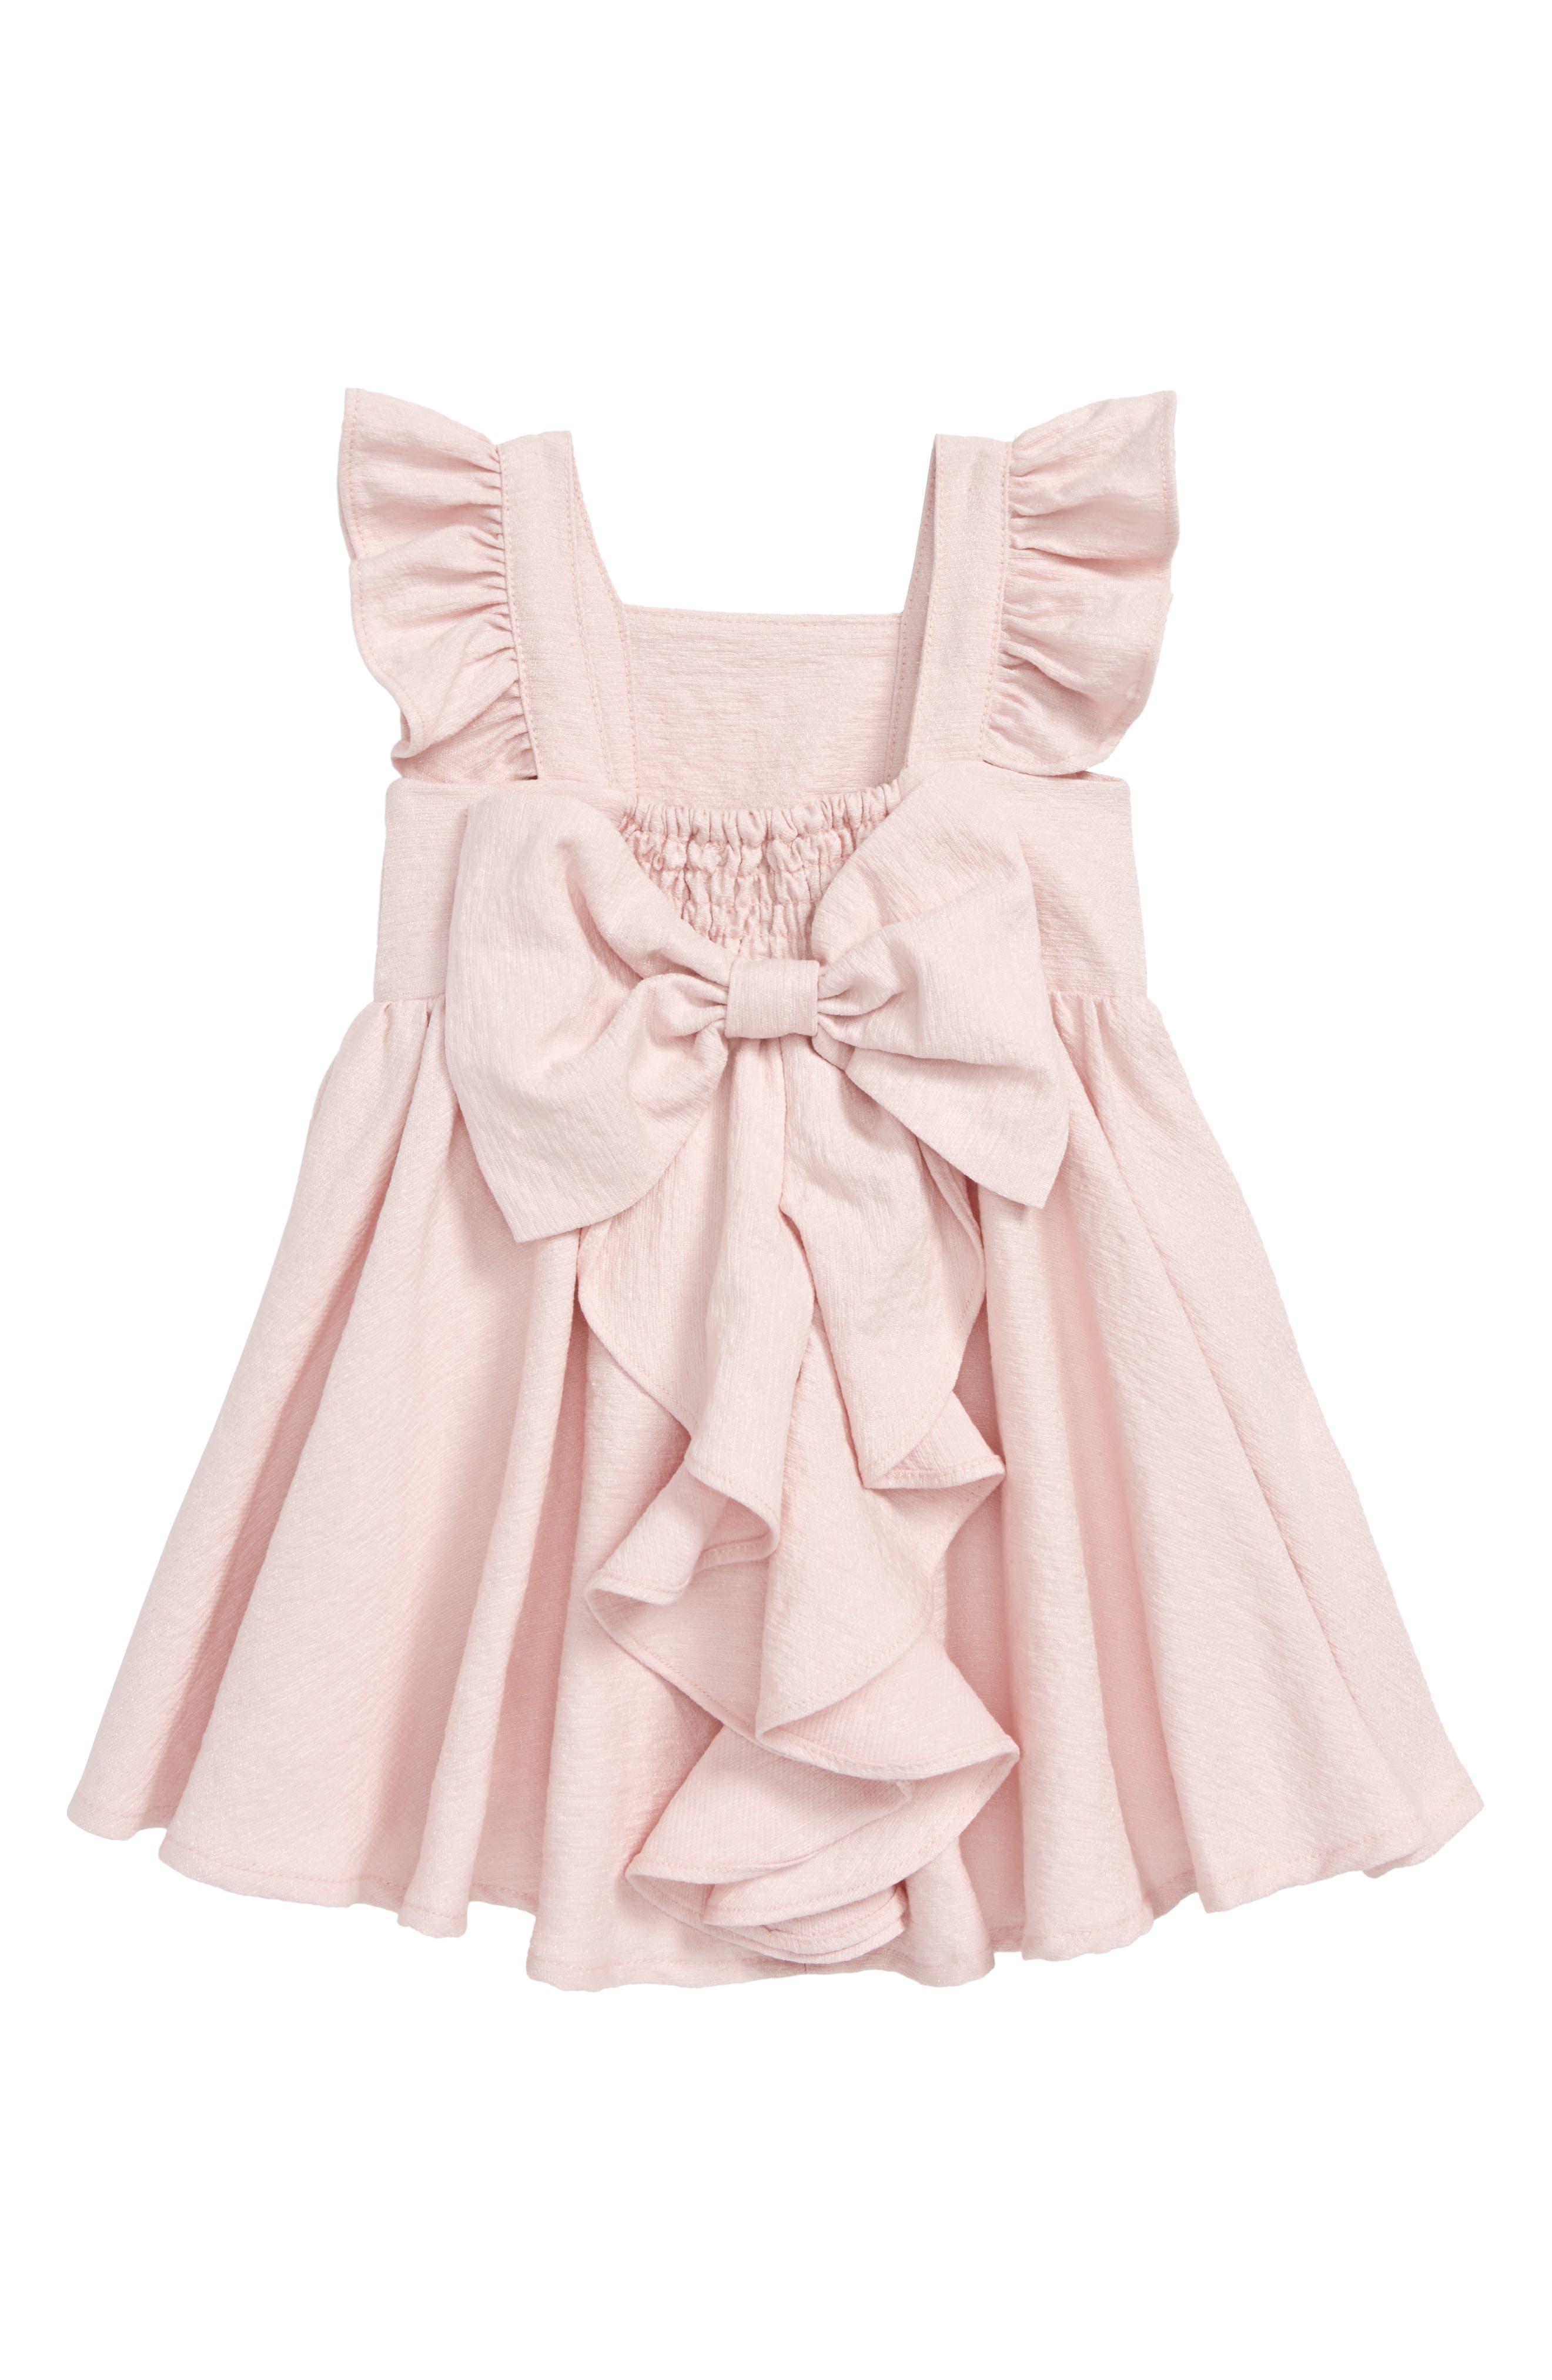 Estella Bow Party Dress,                             Alternate thumbnail 2, color,                             Potpourri